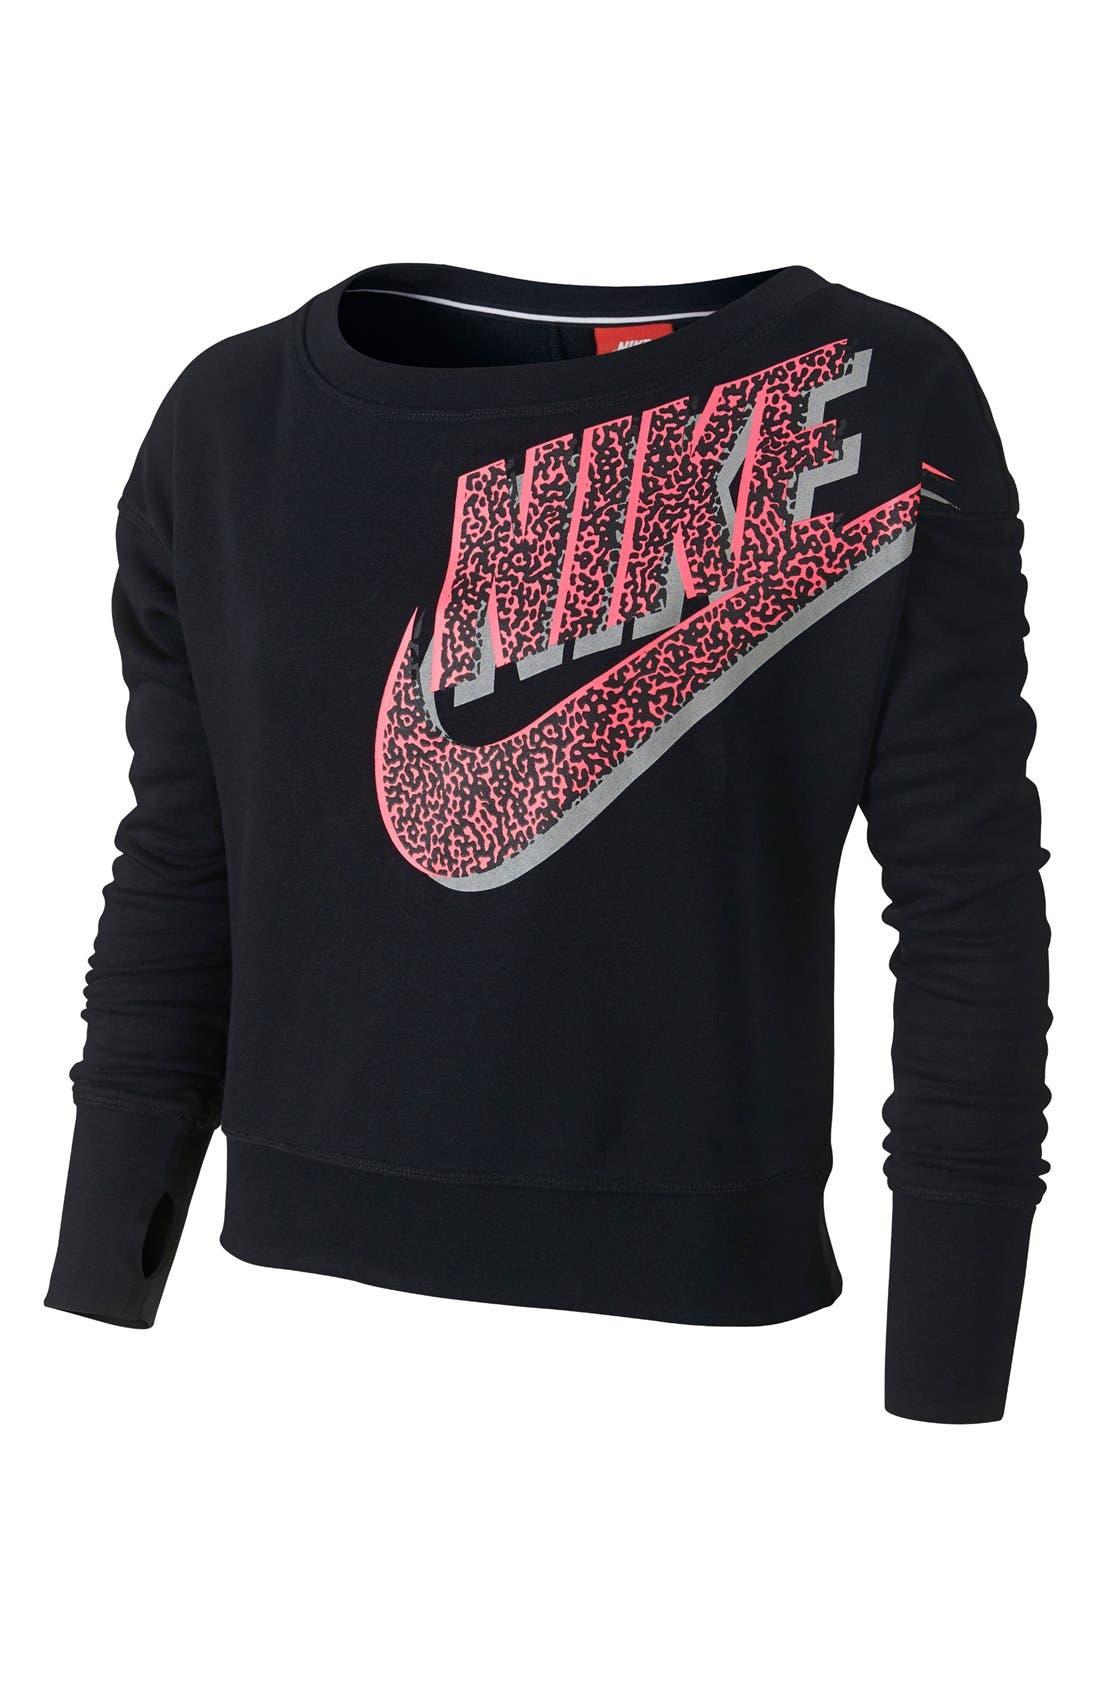 Alternate Image 1 Selected - Nike Crop Sweatshirt (Big Girls) (Online Only)